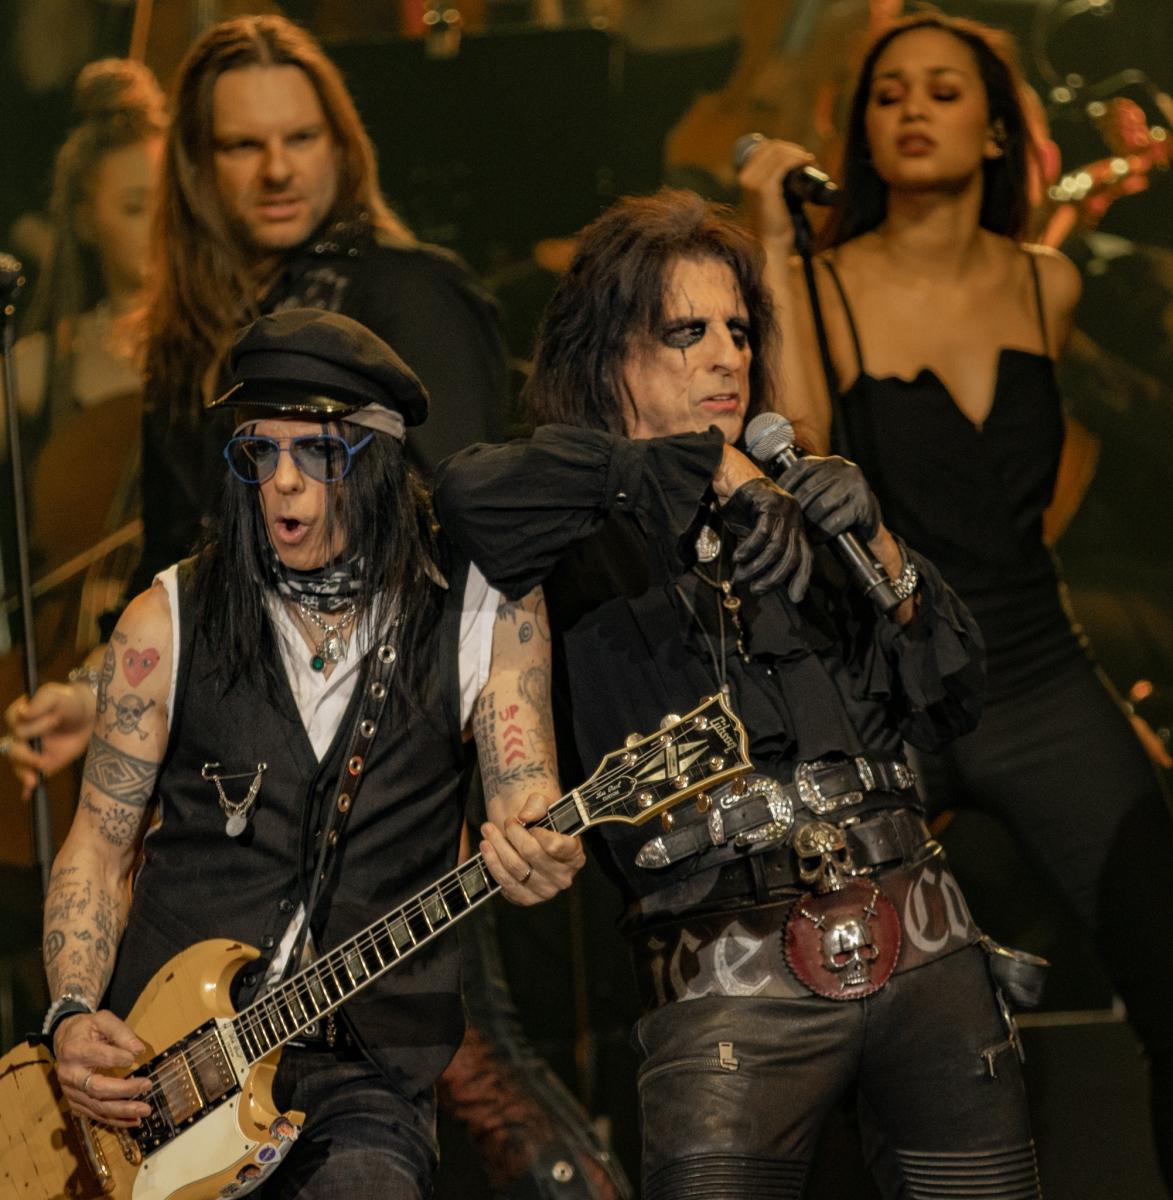 rock-meets-classic-07-03-2020-0670